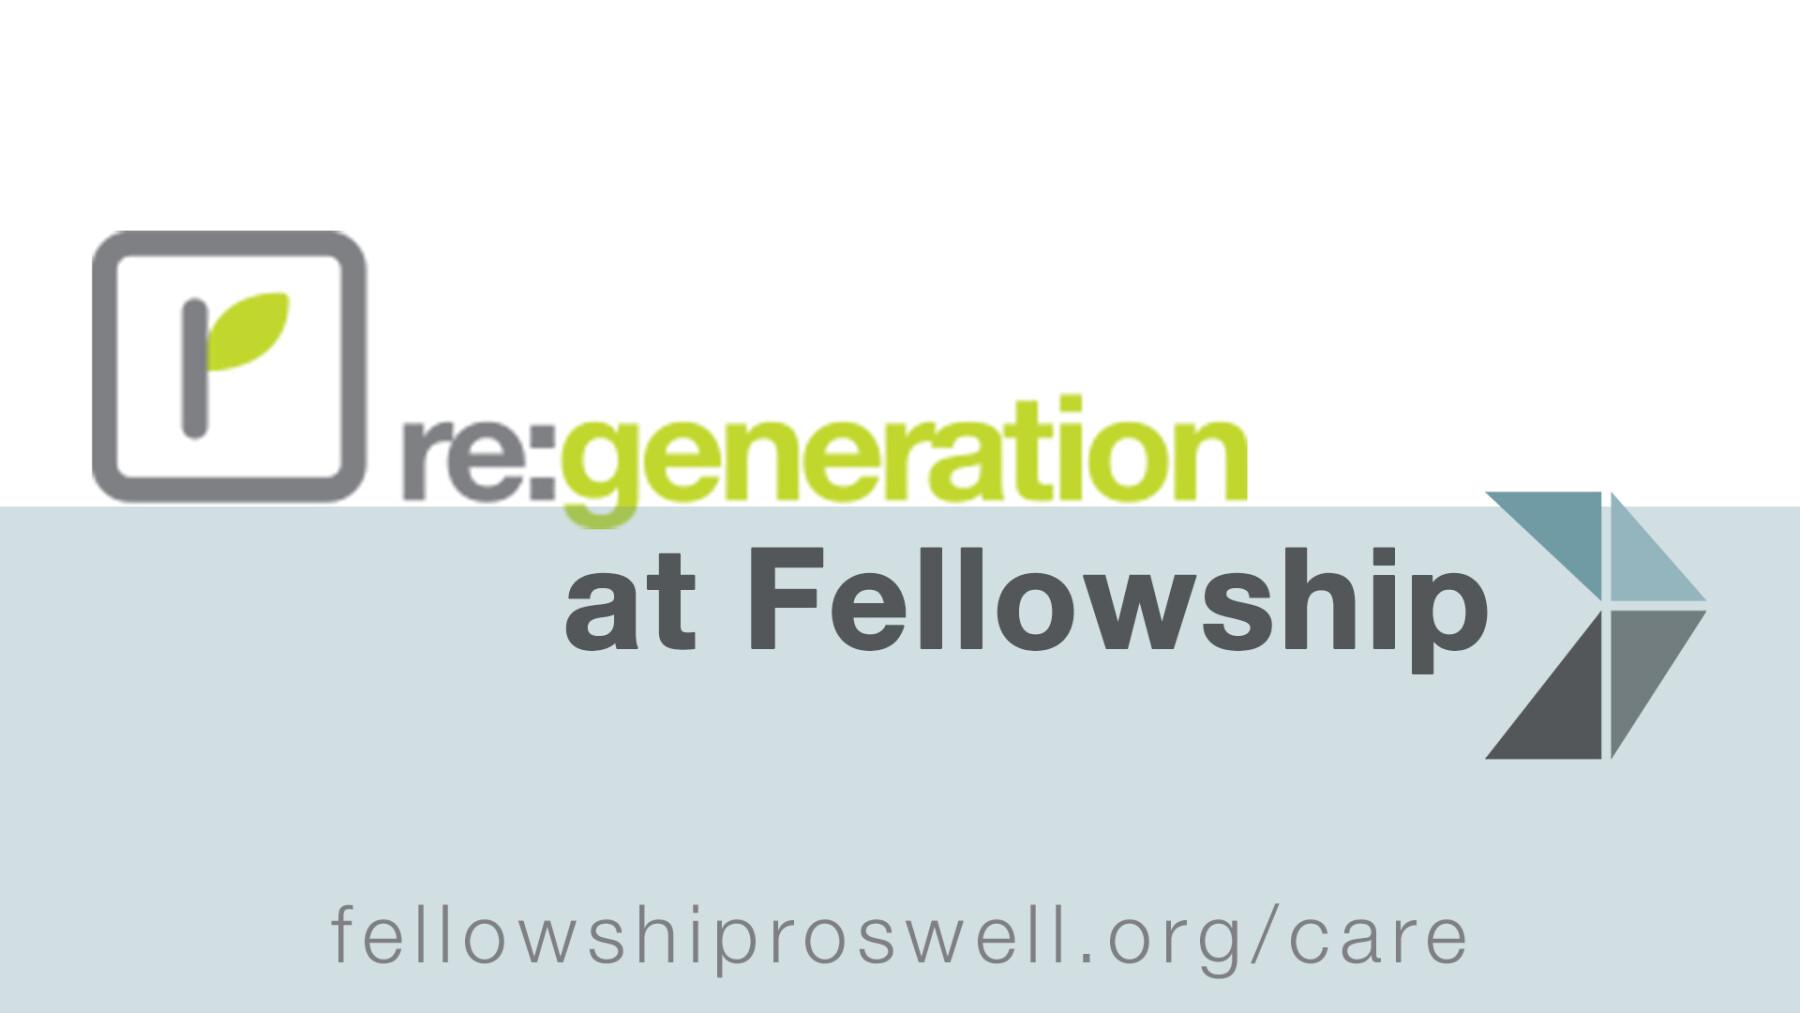 Re:generation at Fellowship Kickoff